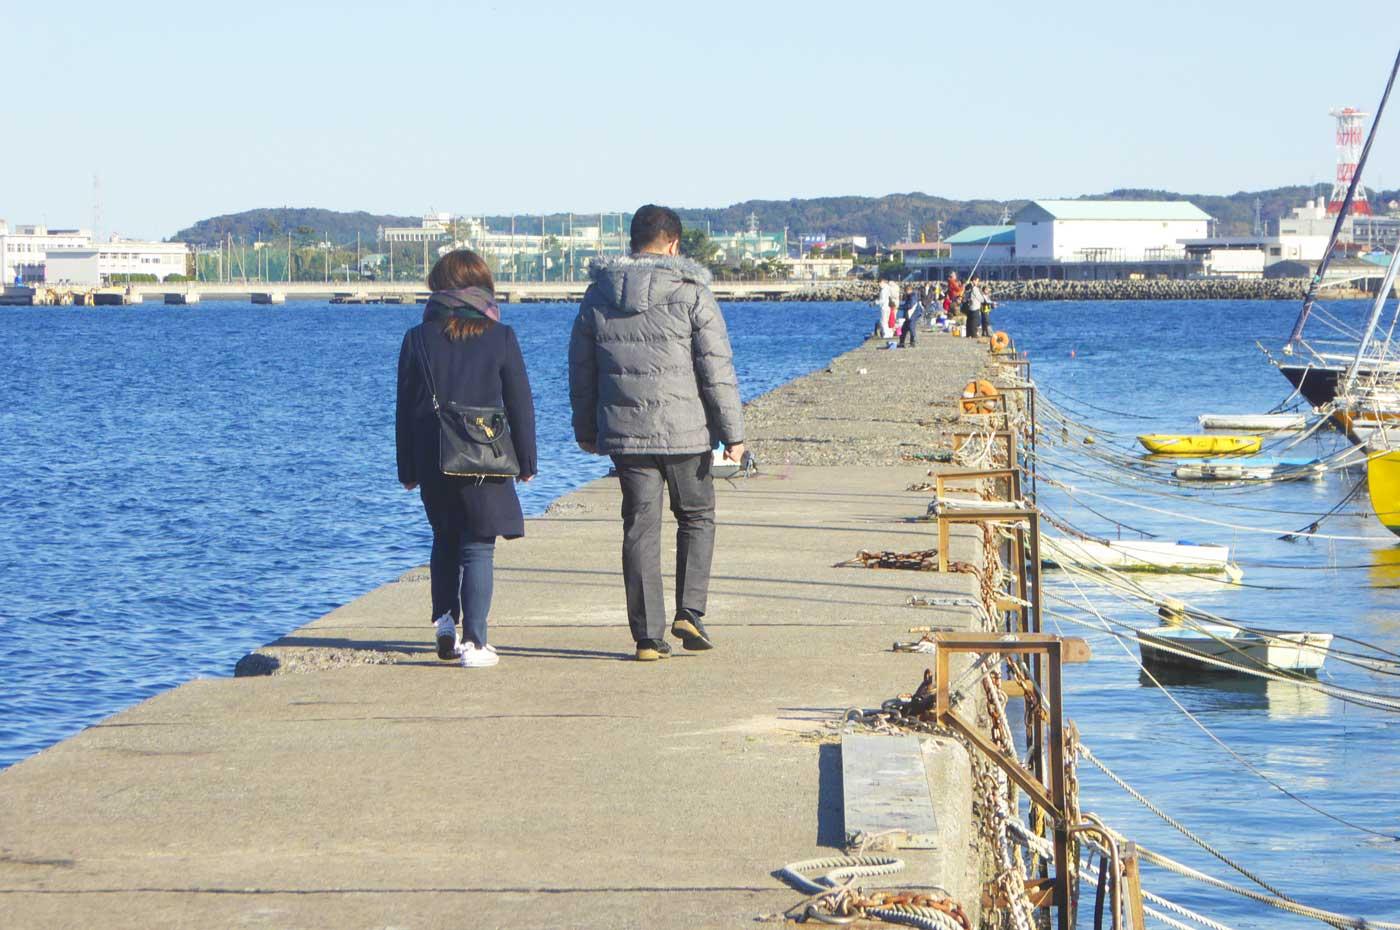 館山自衛隊新堤防の釣り風景